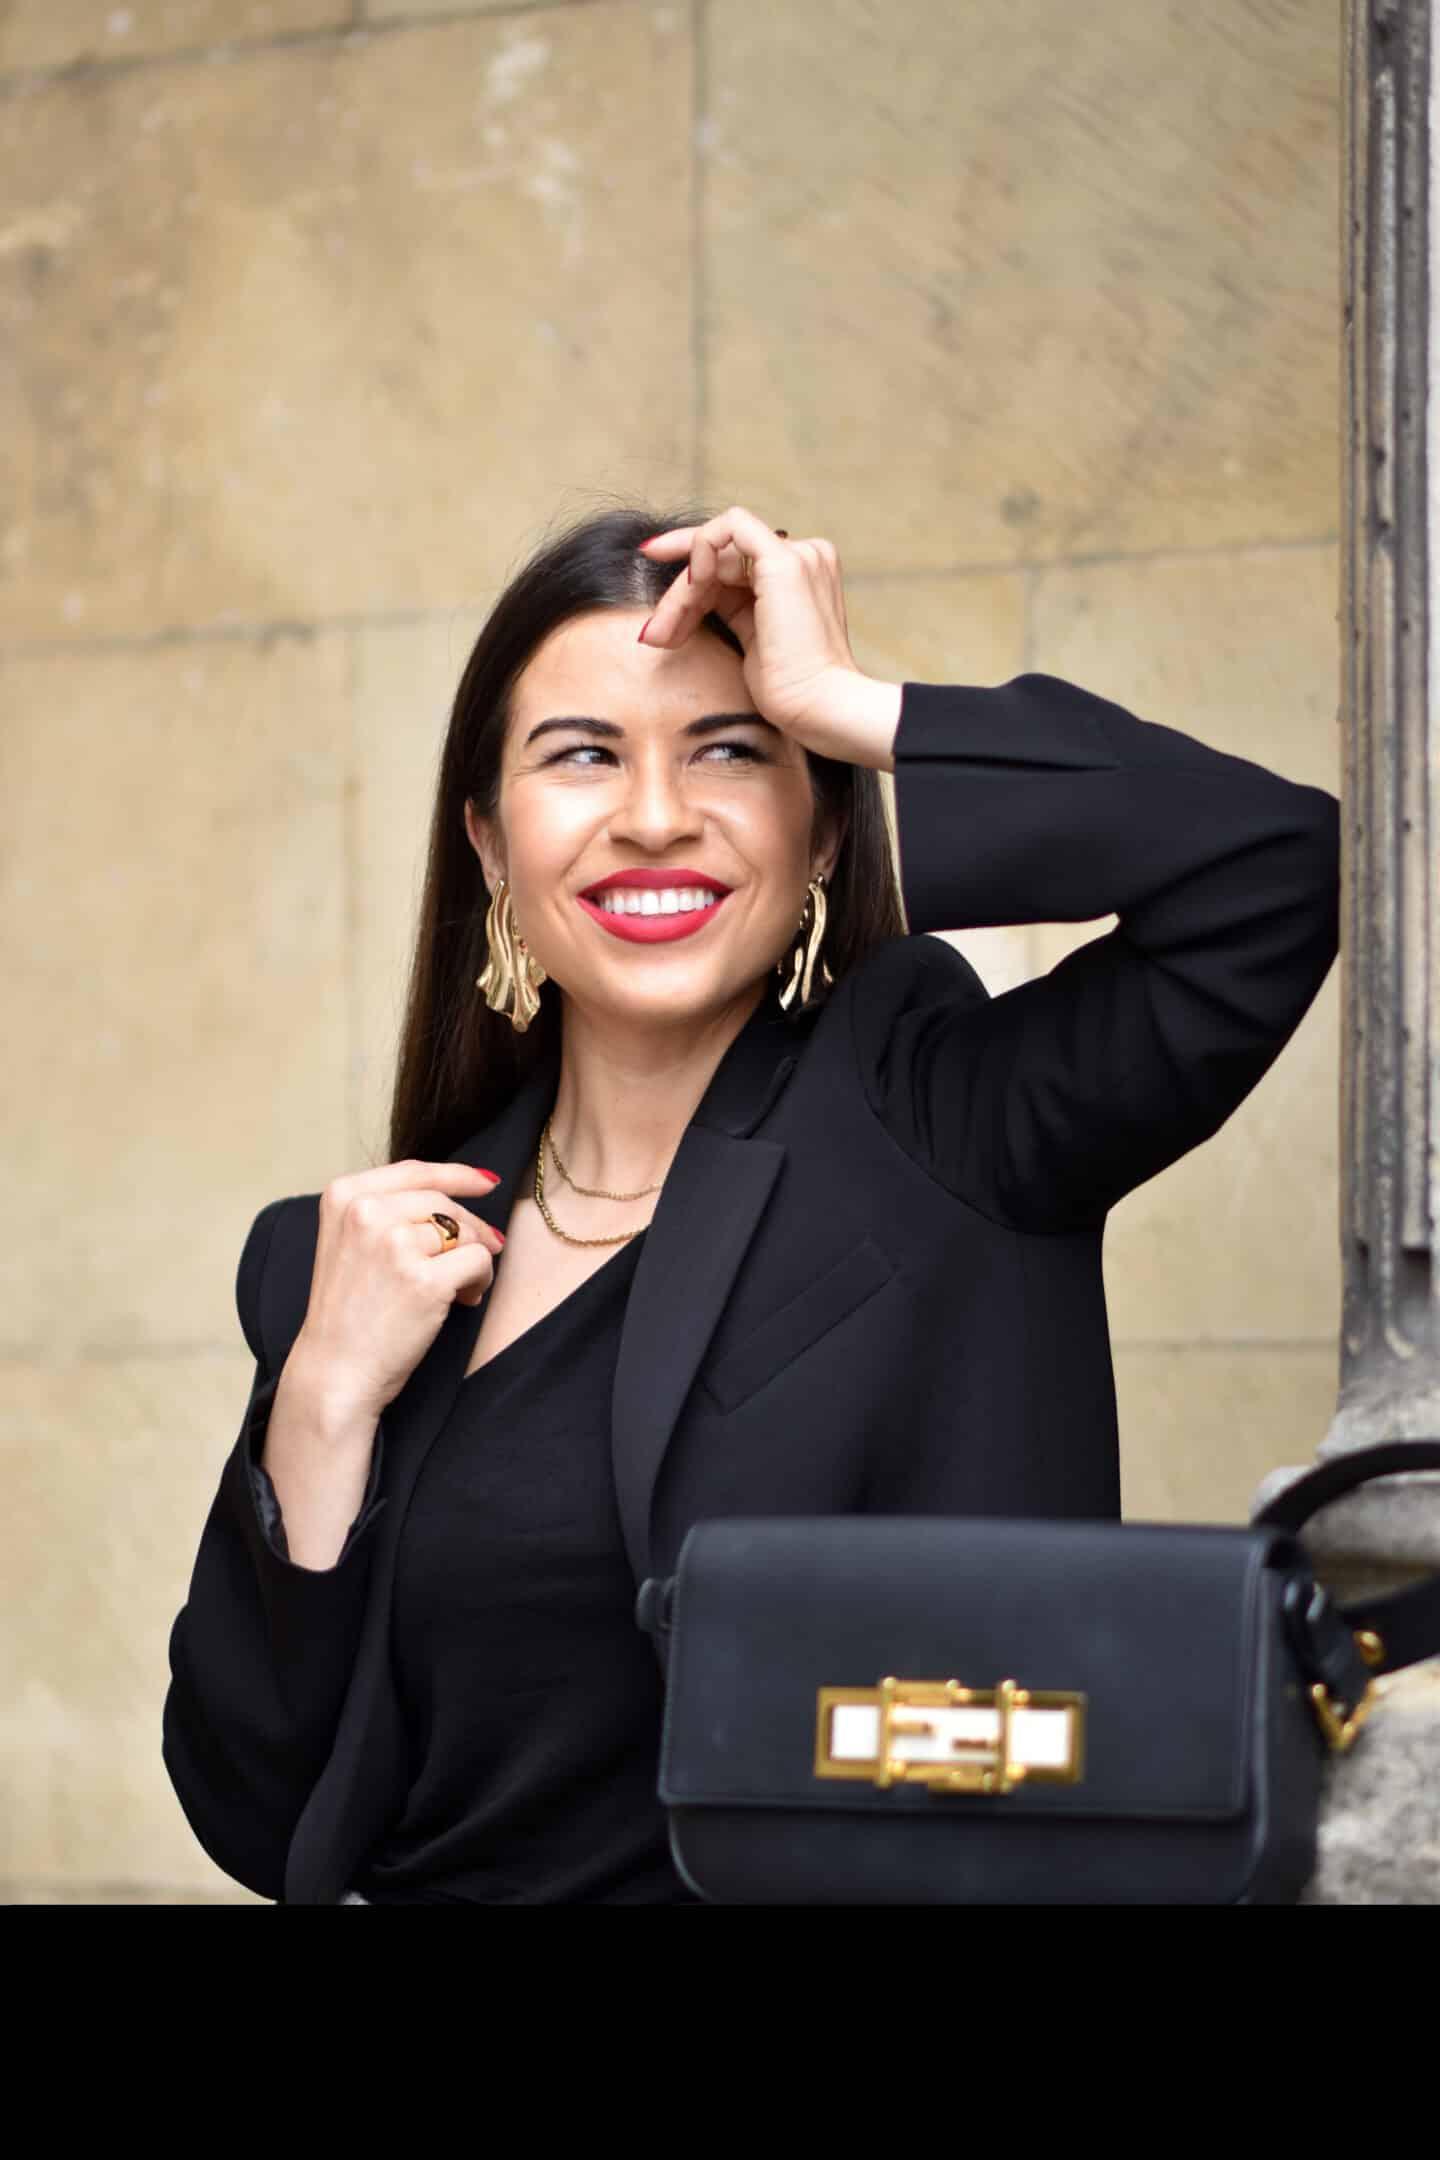 Tina Carrot